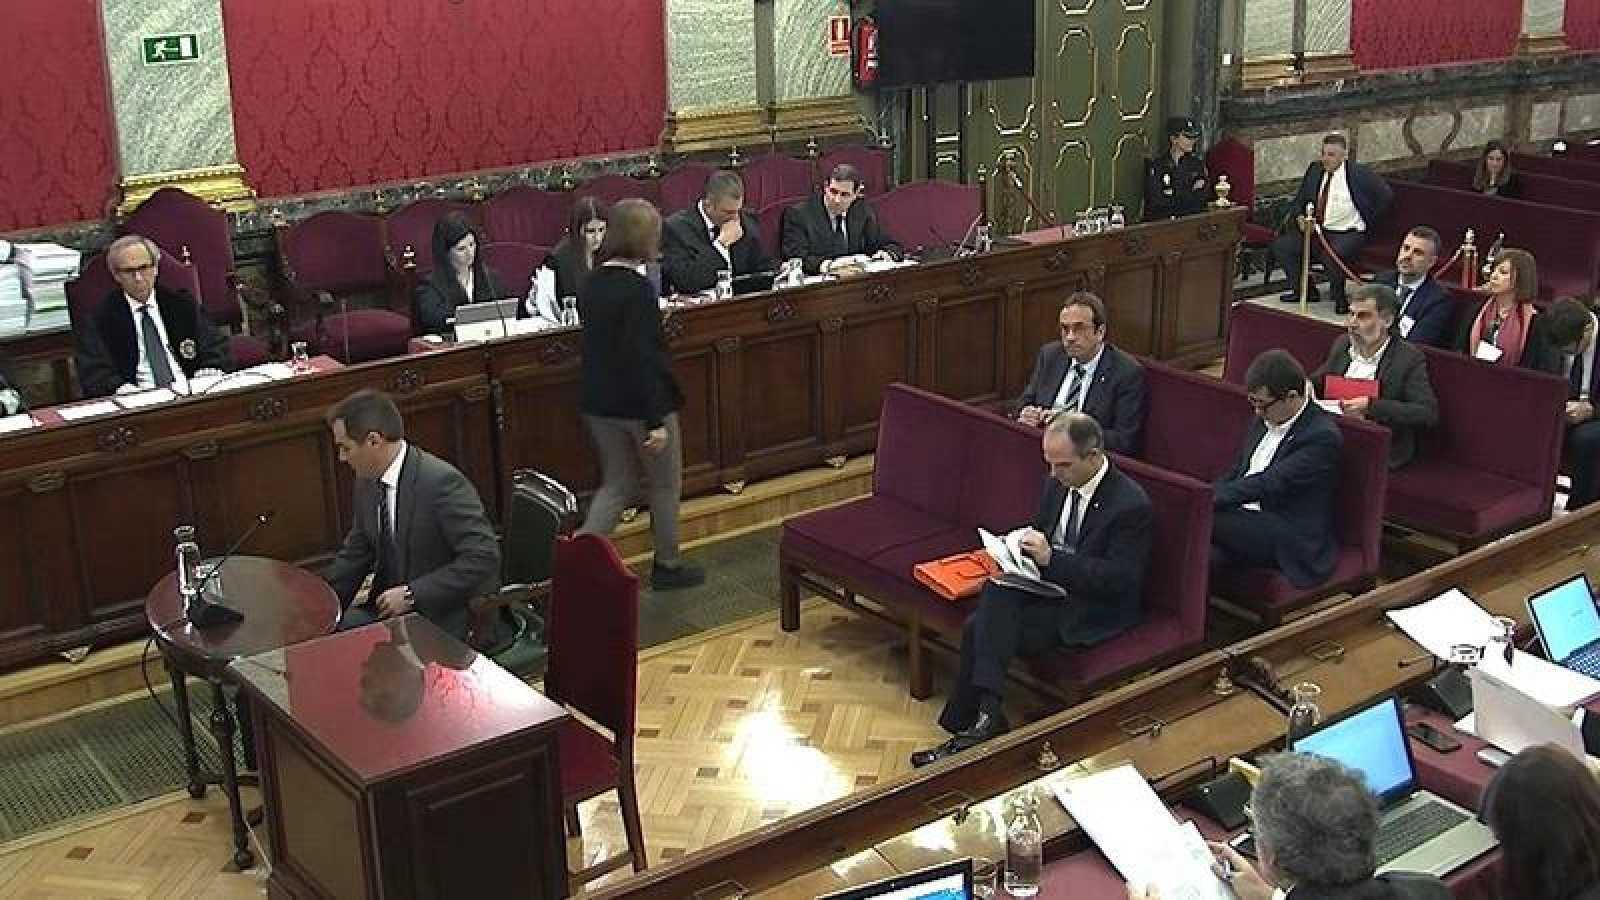 Un momento de la duodécima sesión del juicio del 'procés' en el Tribunal Supremo